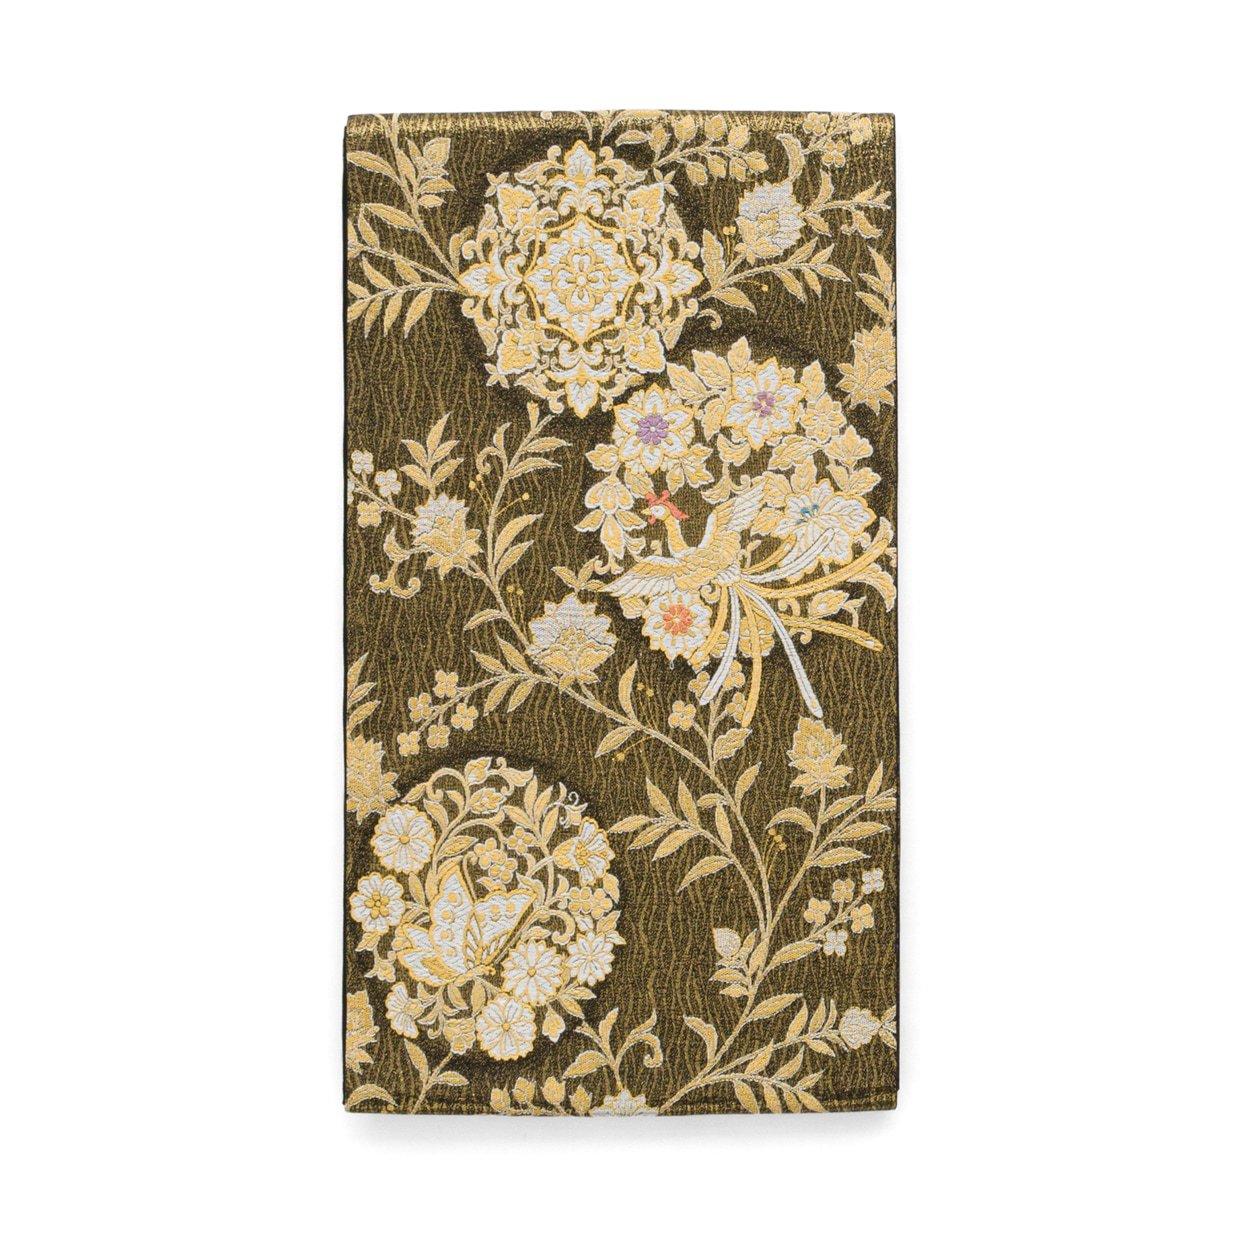 「袋帯●鳳凰と揚羽に花丸」の商品画像